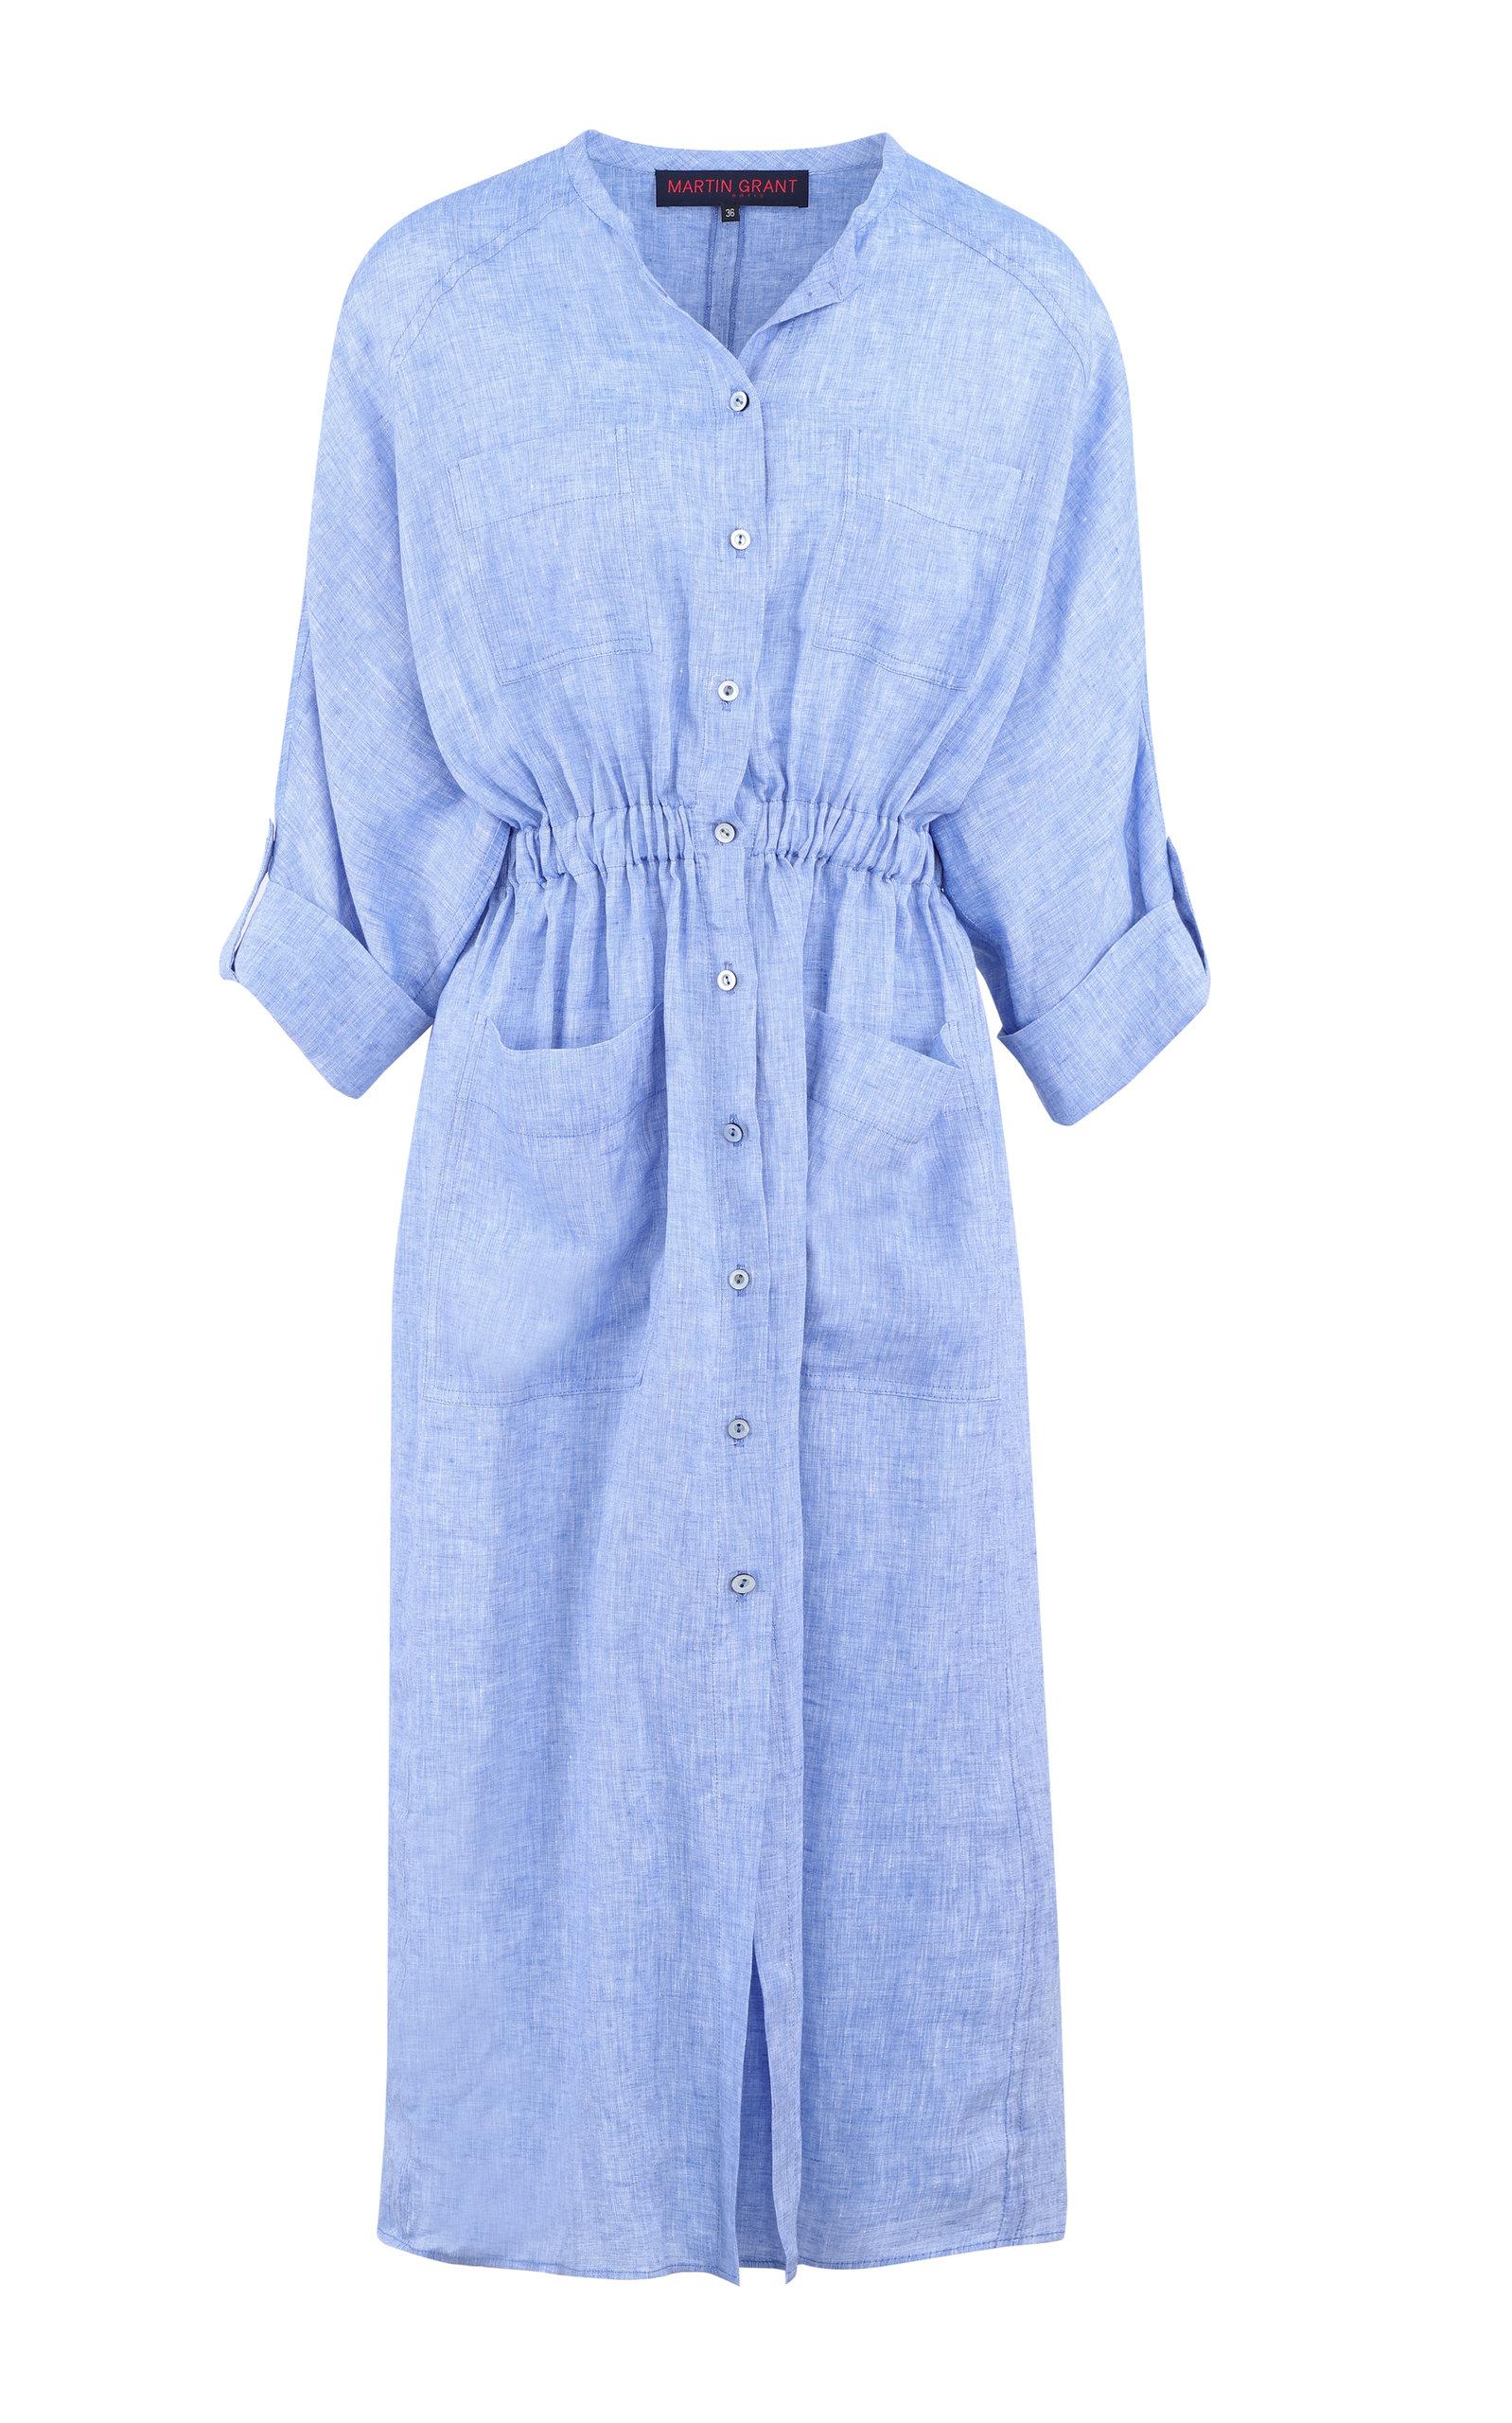 Women's Oversized Linen Shirt Dress